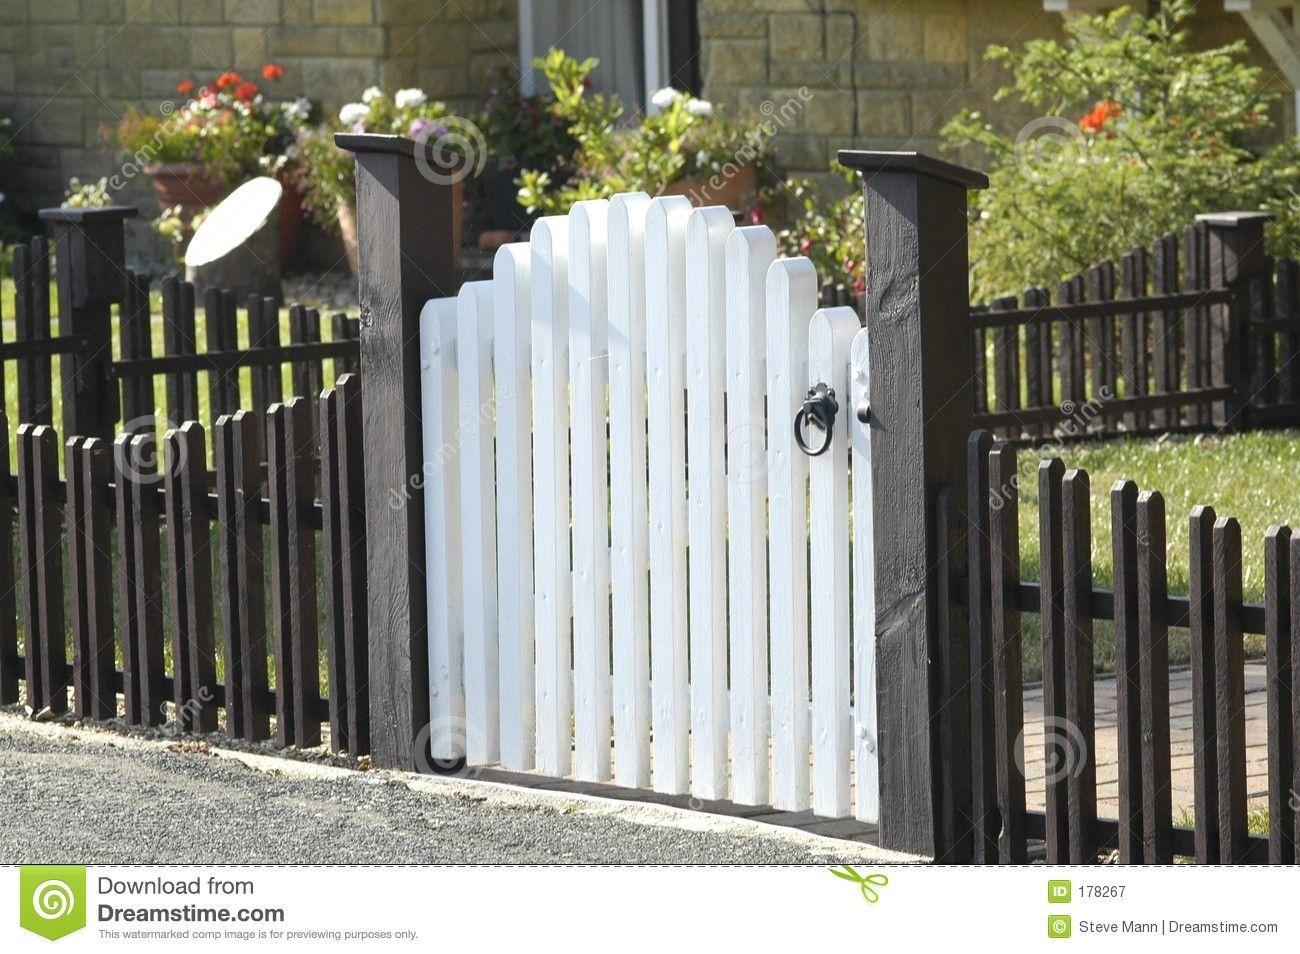 Hardware fences pinterest fences picket fence gate and gate white picket fence gate stock photos royalty free images workwithnaturefo